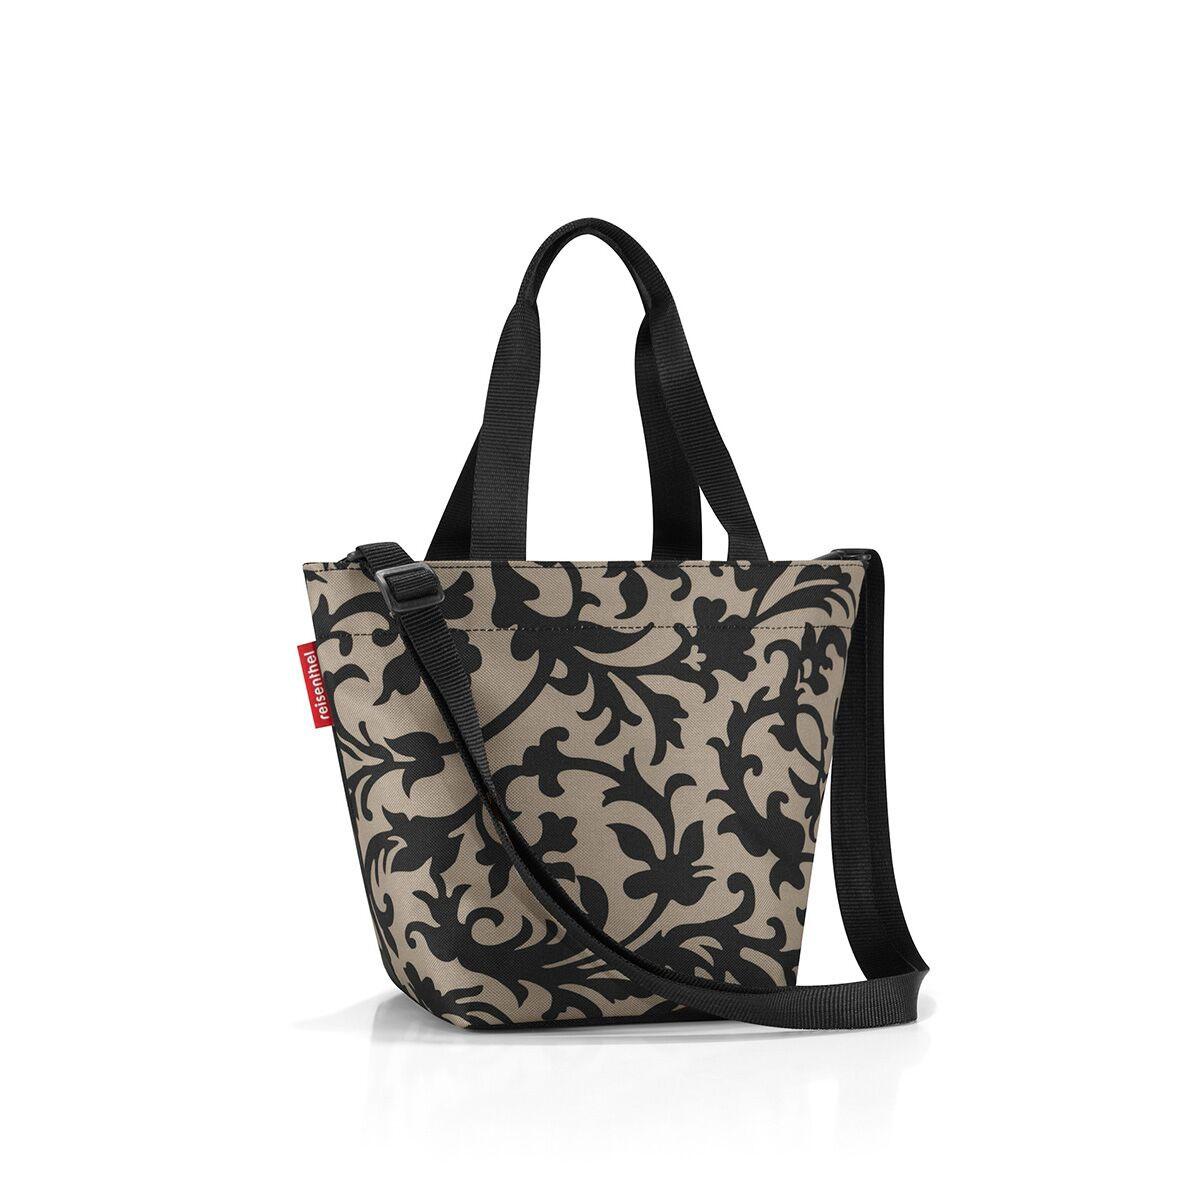 Сумка-шоппер женская Reisenthel, цвет: бежевый. ZR7027747998-101Уменьшенная версия классической сумки. Симпатичная сумка для похода в магазин: широкие удобные лямки распряделяют нагрузку на плече, а объем 4 литра позволяет вместить необходимый батон хлеба, пакет молока и другие вкусности. Застегивается на молнию. Внутри - кармашек на молнии для мелочей. Две ручки плюс ремешок с регулируемой длиной. Специальное уплотненное днище для стабильности. Серия special edition - это лимитированные модели сумок с уникальными принтами. Сочетают расцветки разных коллекций, а также имеют вышивку и аппликацию.